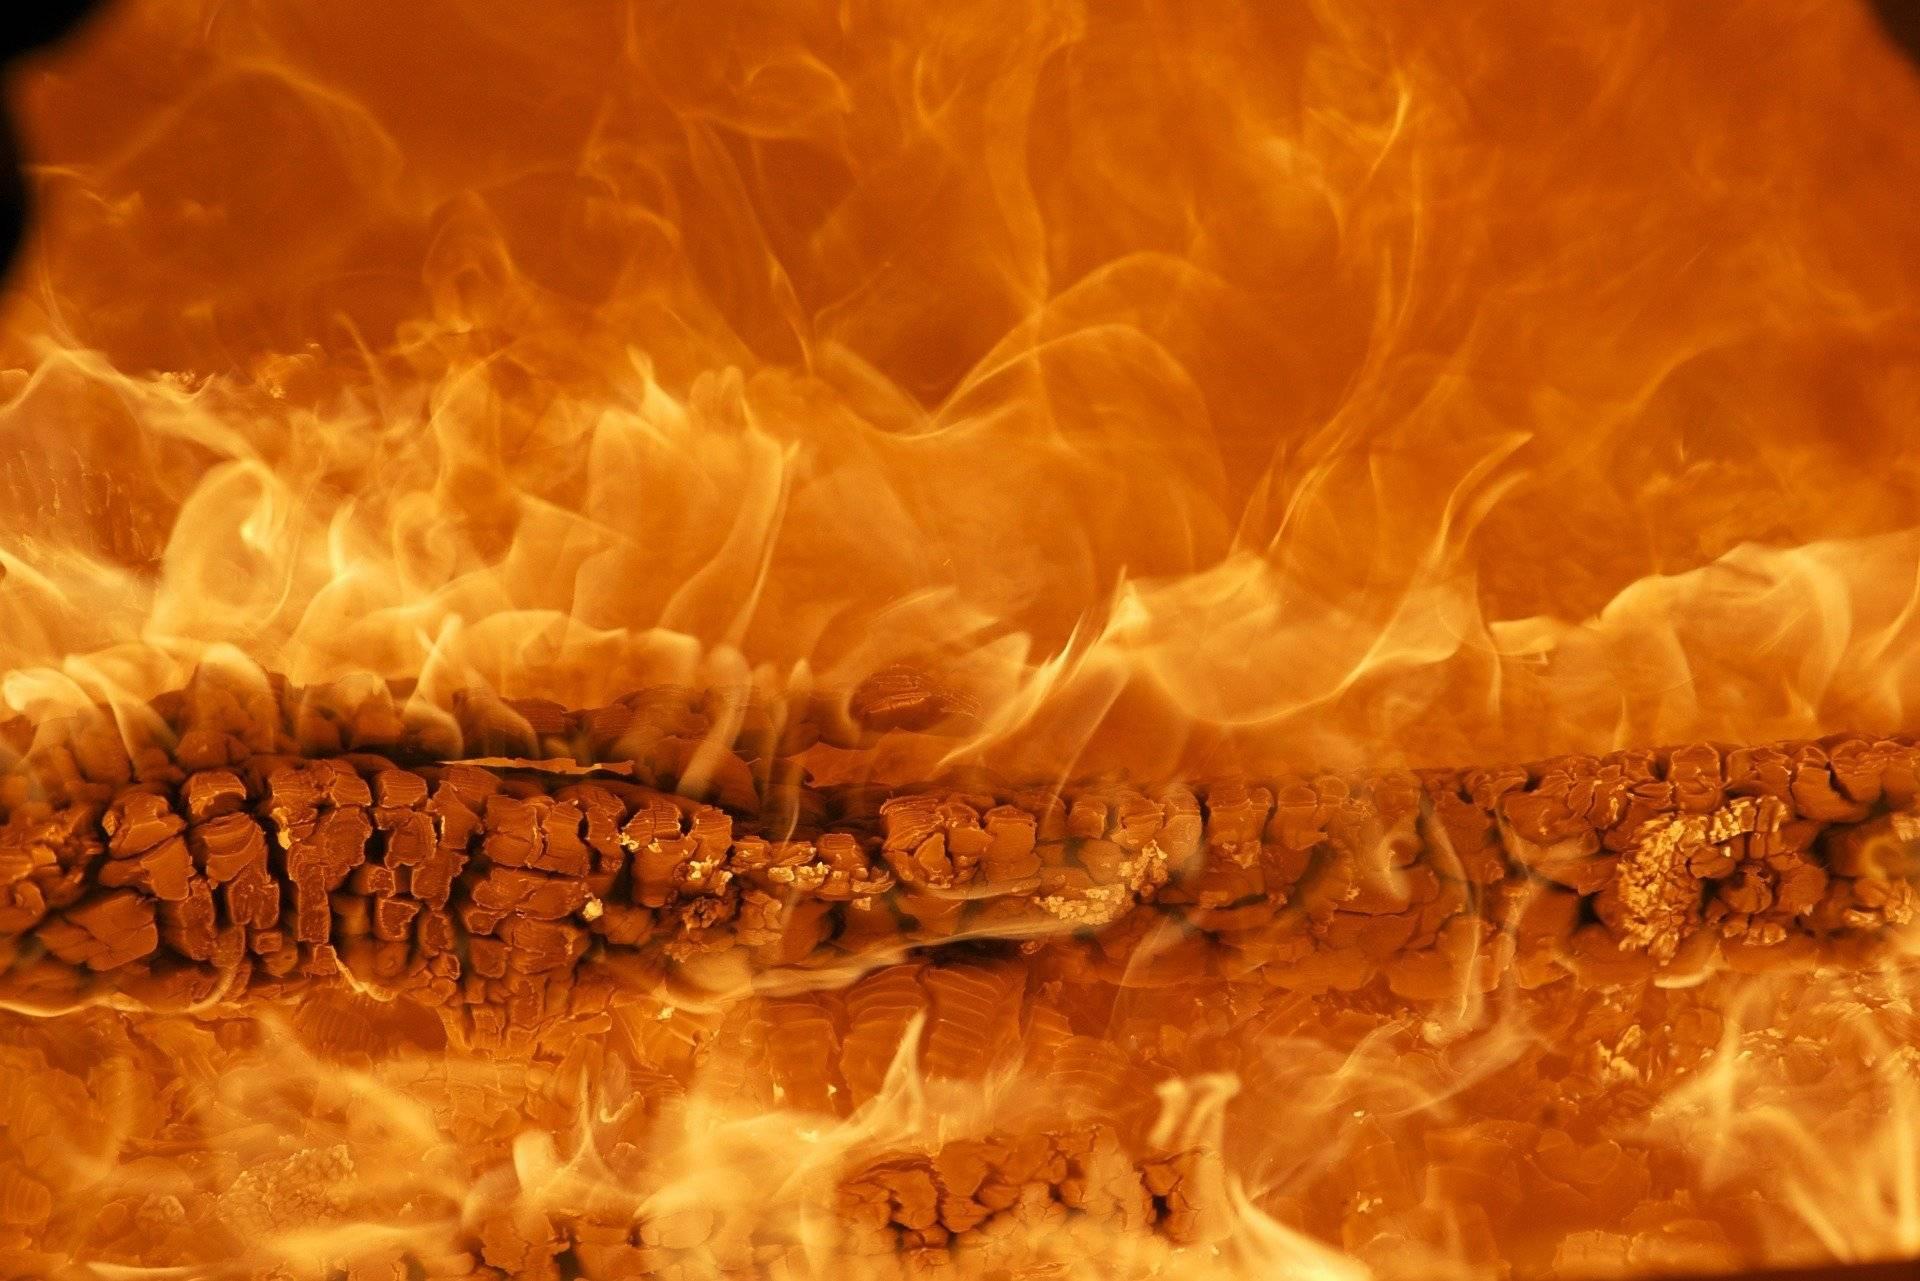 Ночью в Кирове сгорел жилой многоквартирный дом, эвакуировали 15 человек